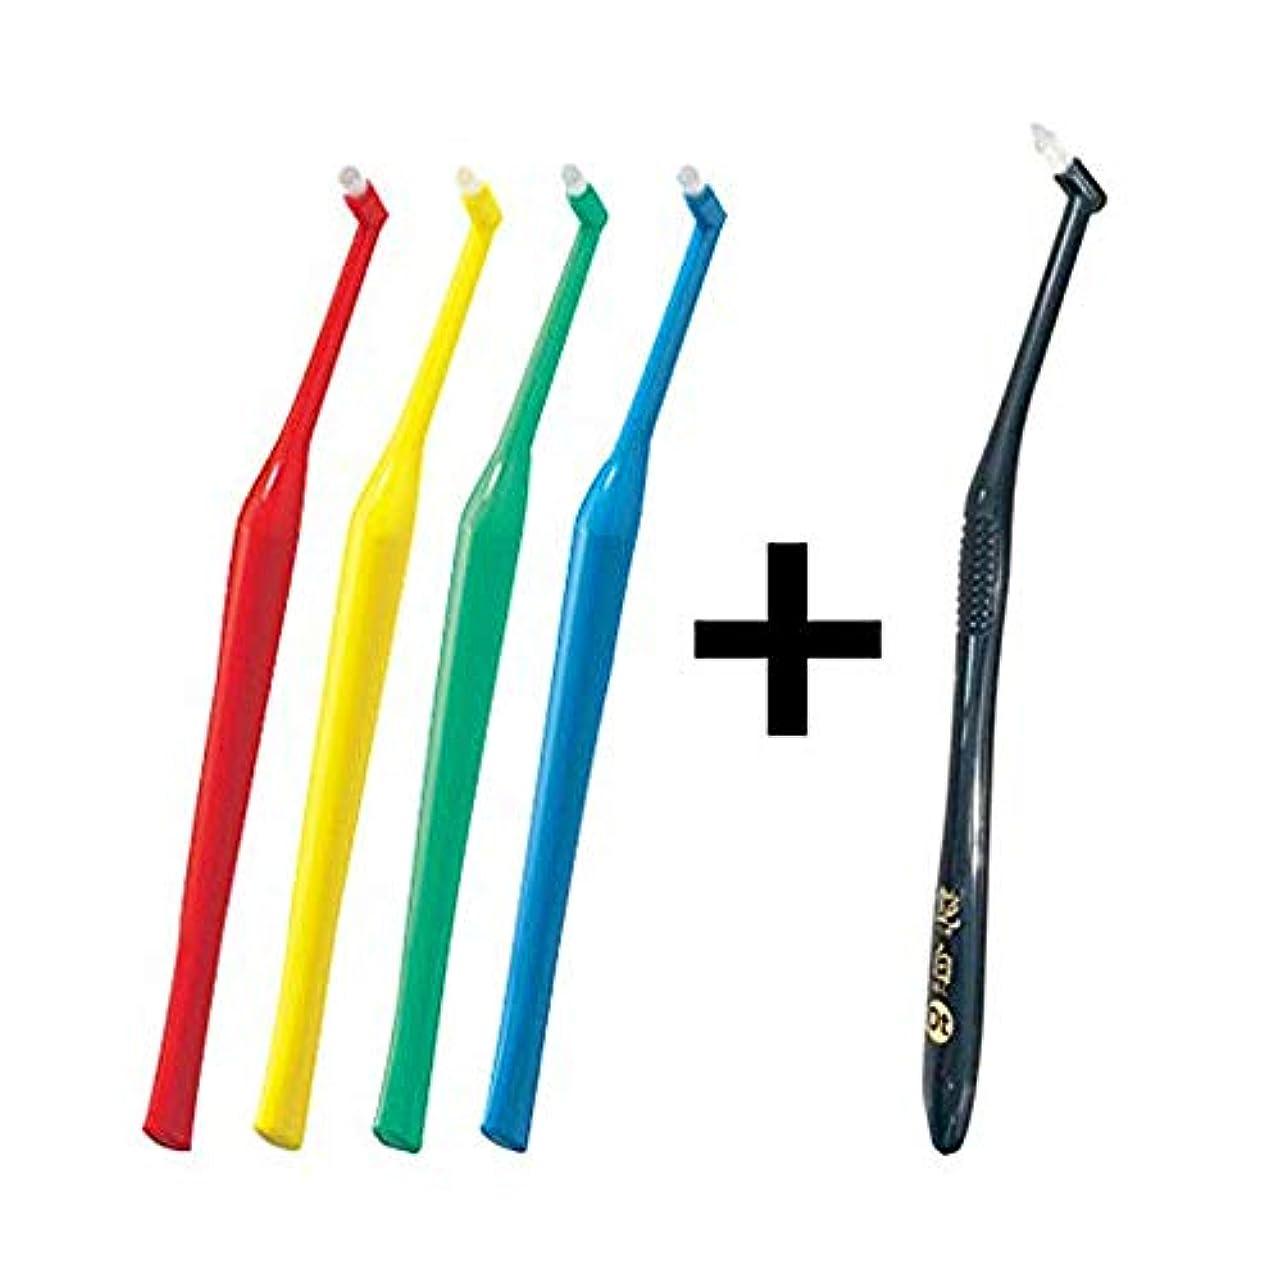 ありがたい枝プレビスサイトプラウト Plaut × 4本 アソート (M(ミディアム))+艶白 ワンタフト 歯ブラシ 1本 MS(やややわらかめ) オーラルケア ポイントブラシ 歯科専売品